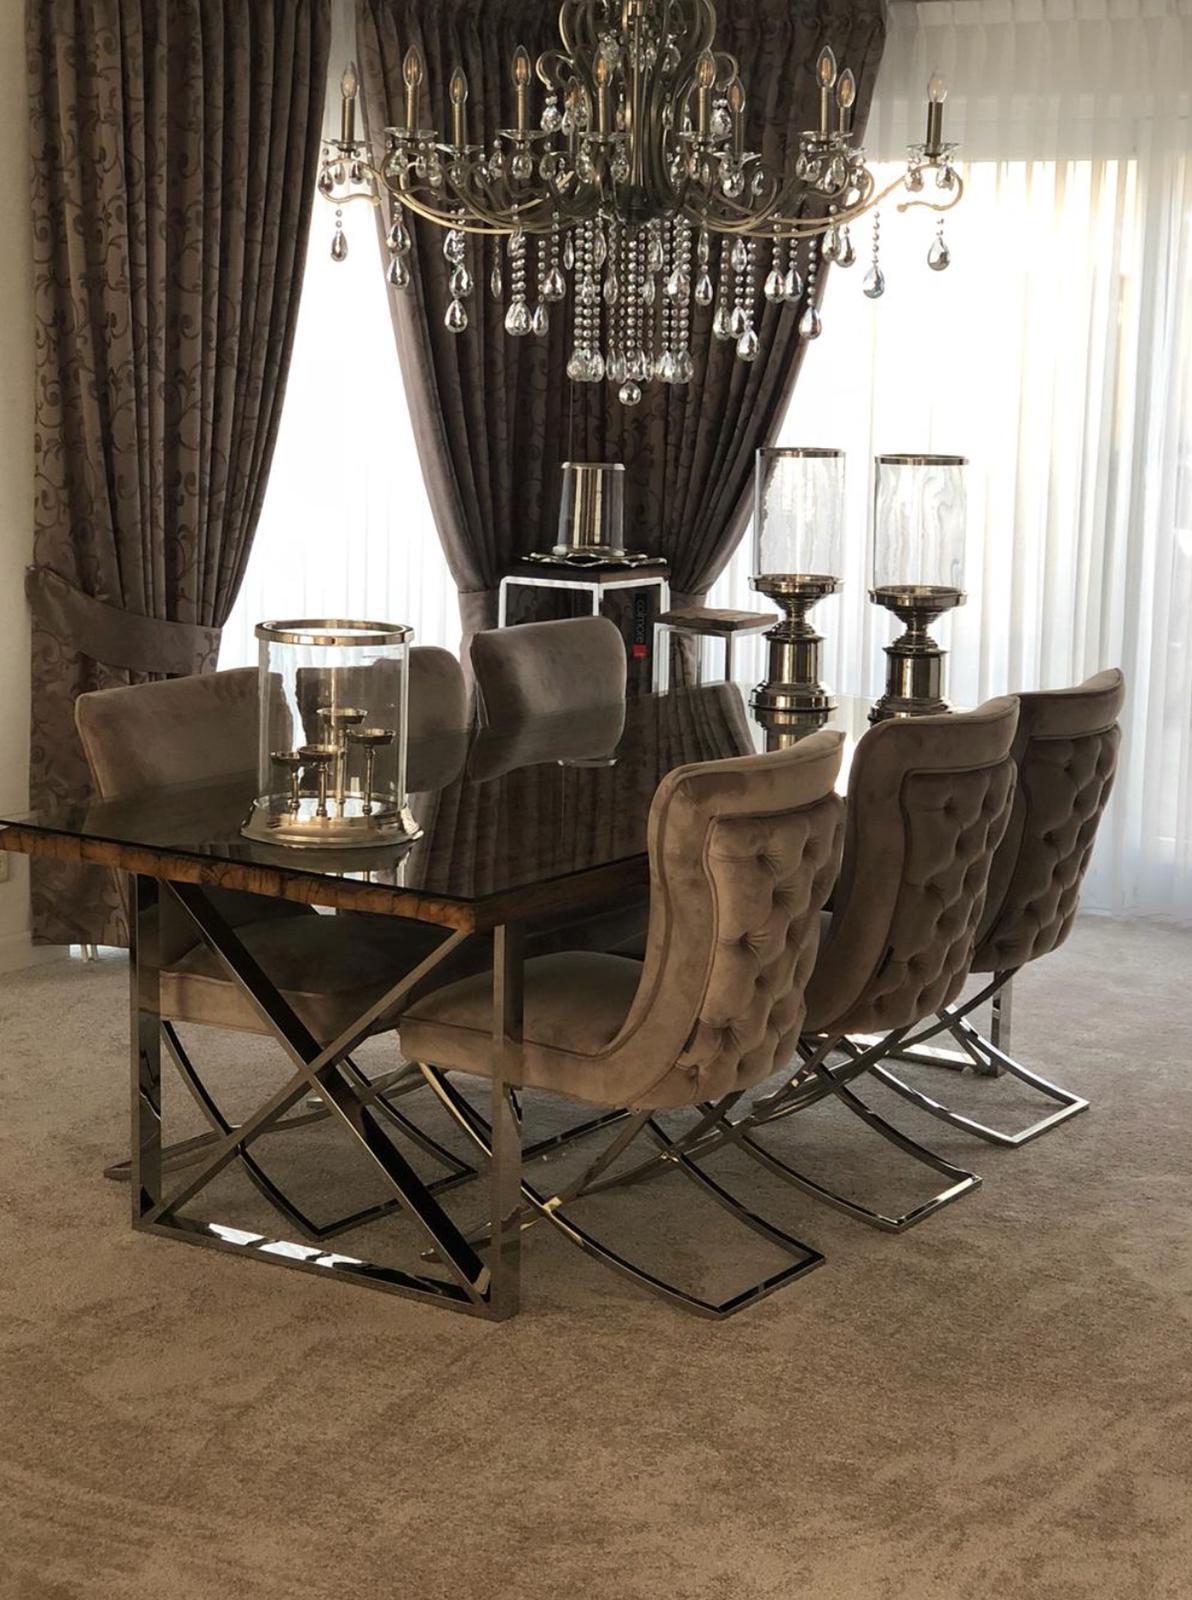 Richmond Interiors Scarlett Stoelen & Kensington eettafel